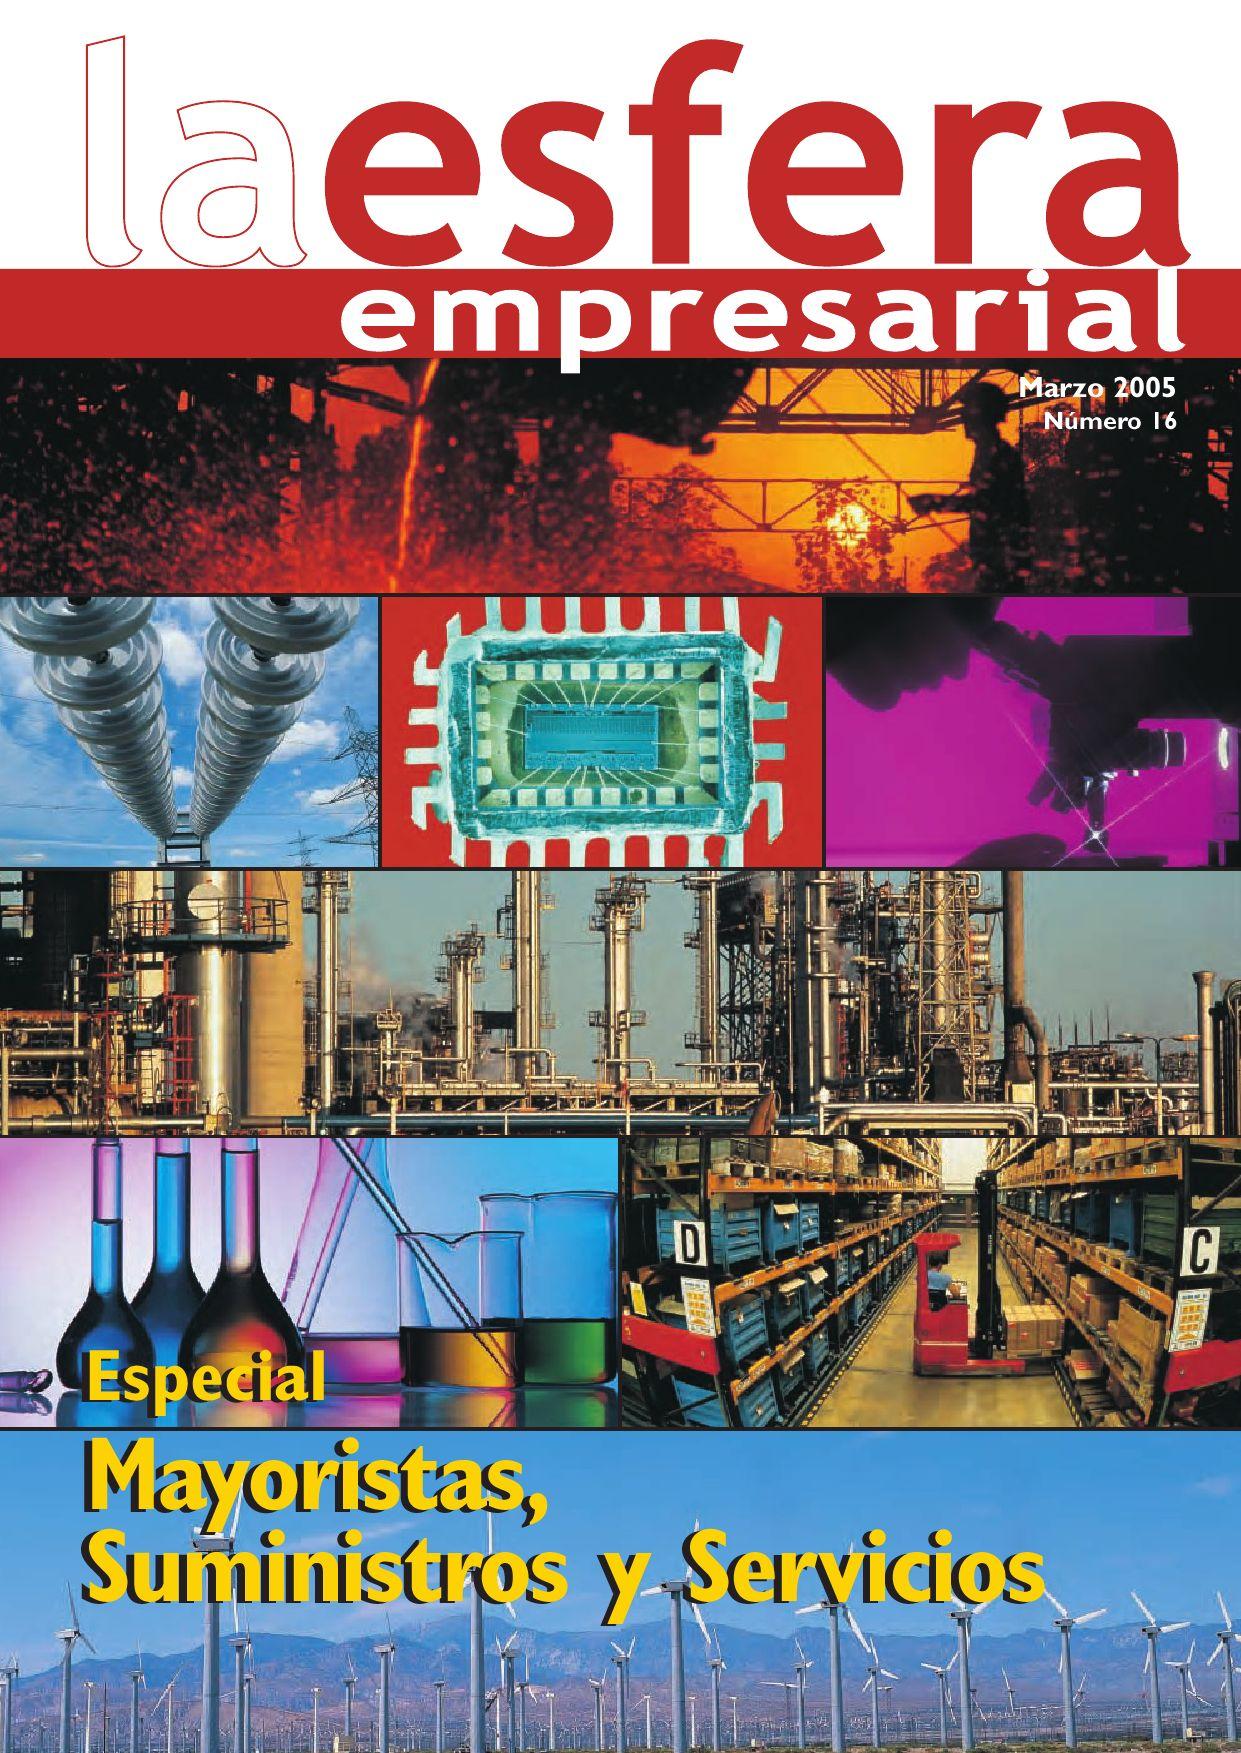 La Esfera Empresarial - nº 16 by La Esfera Empresarial - issuu